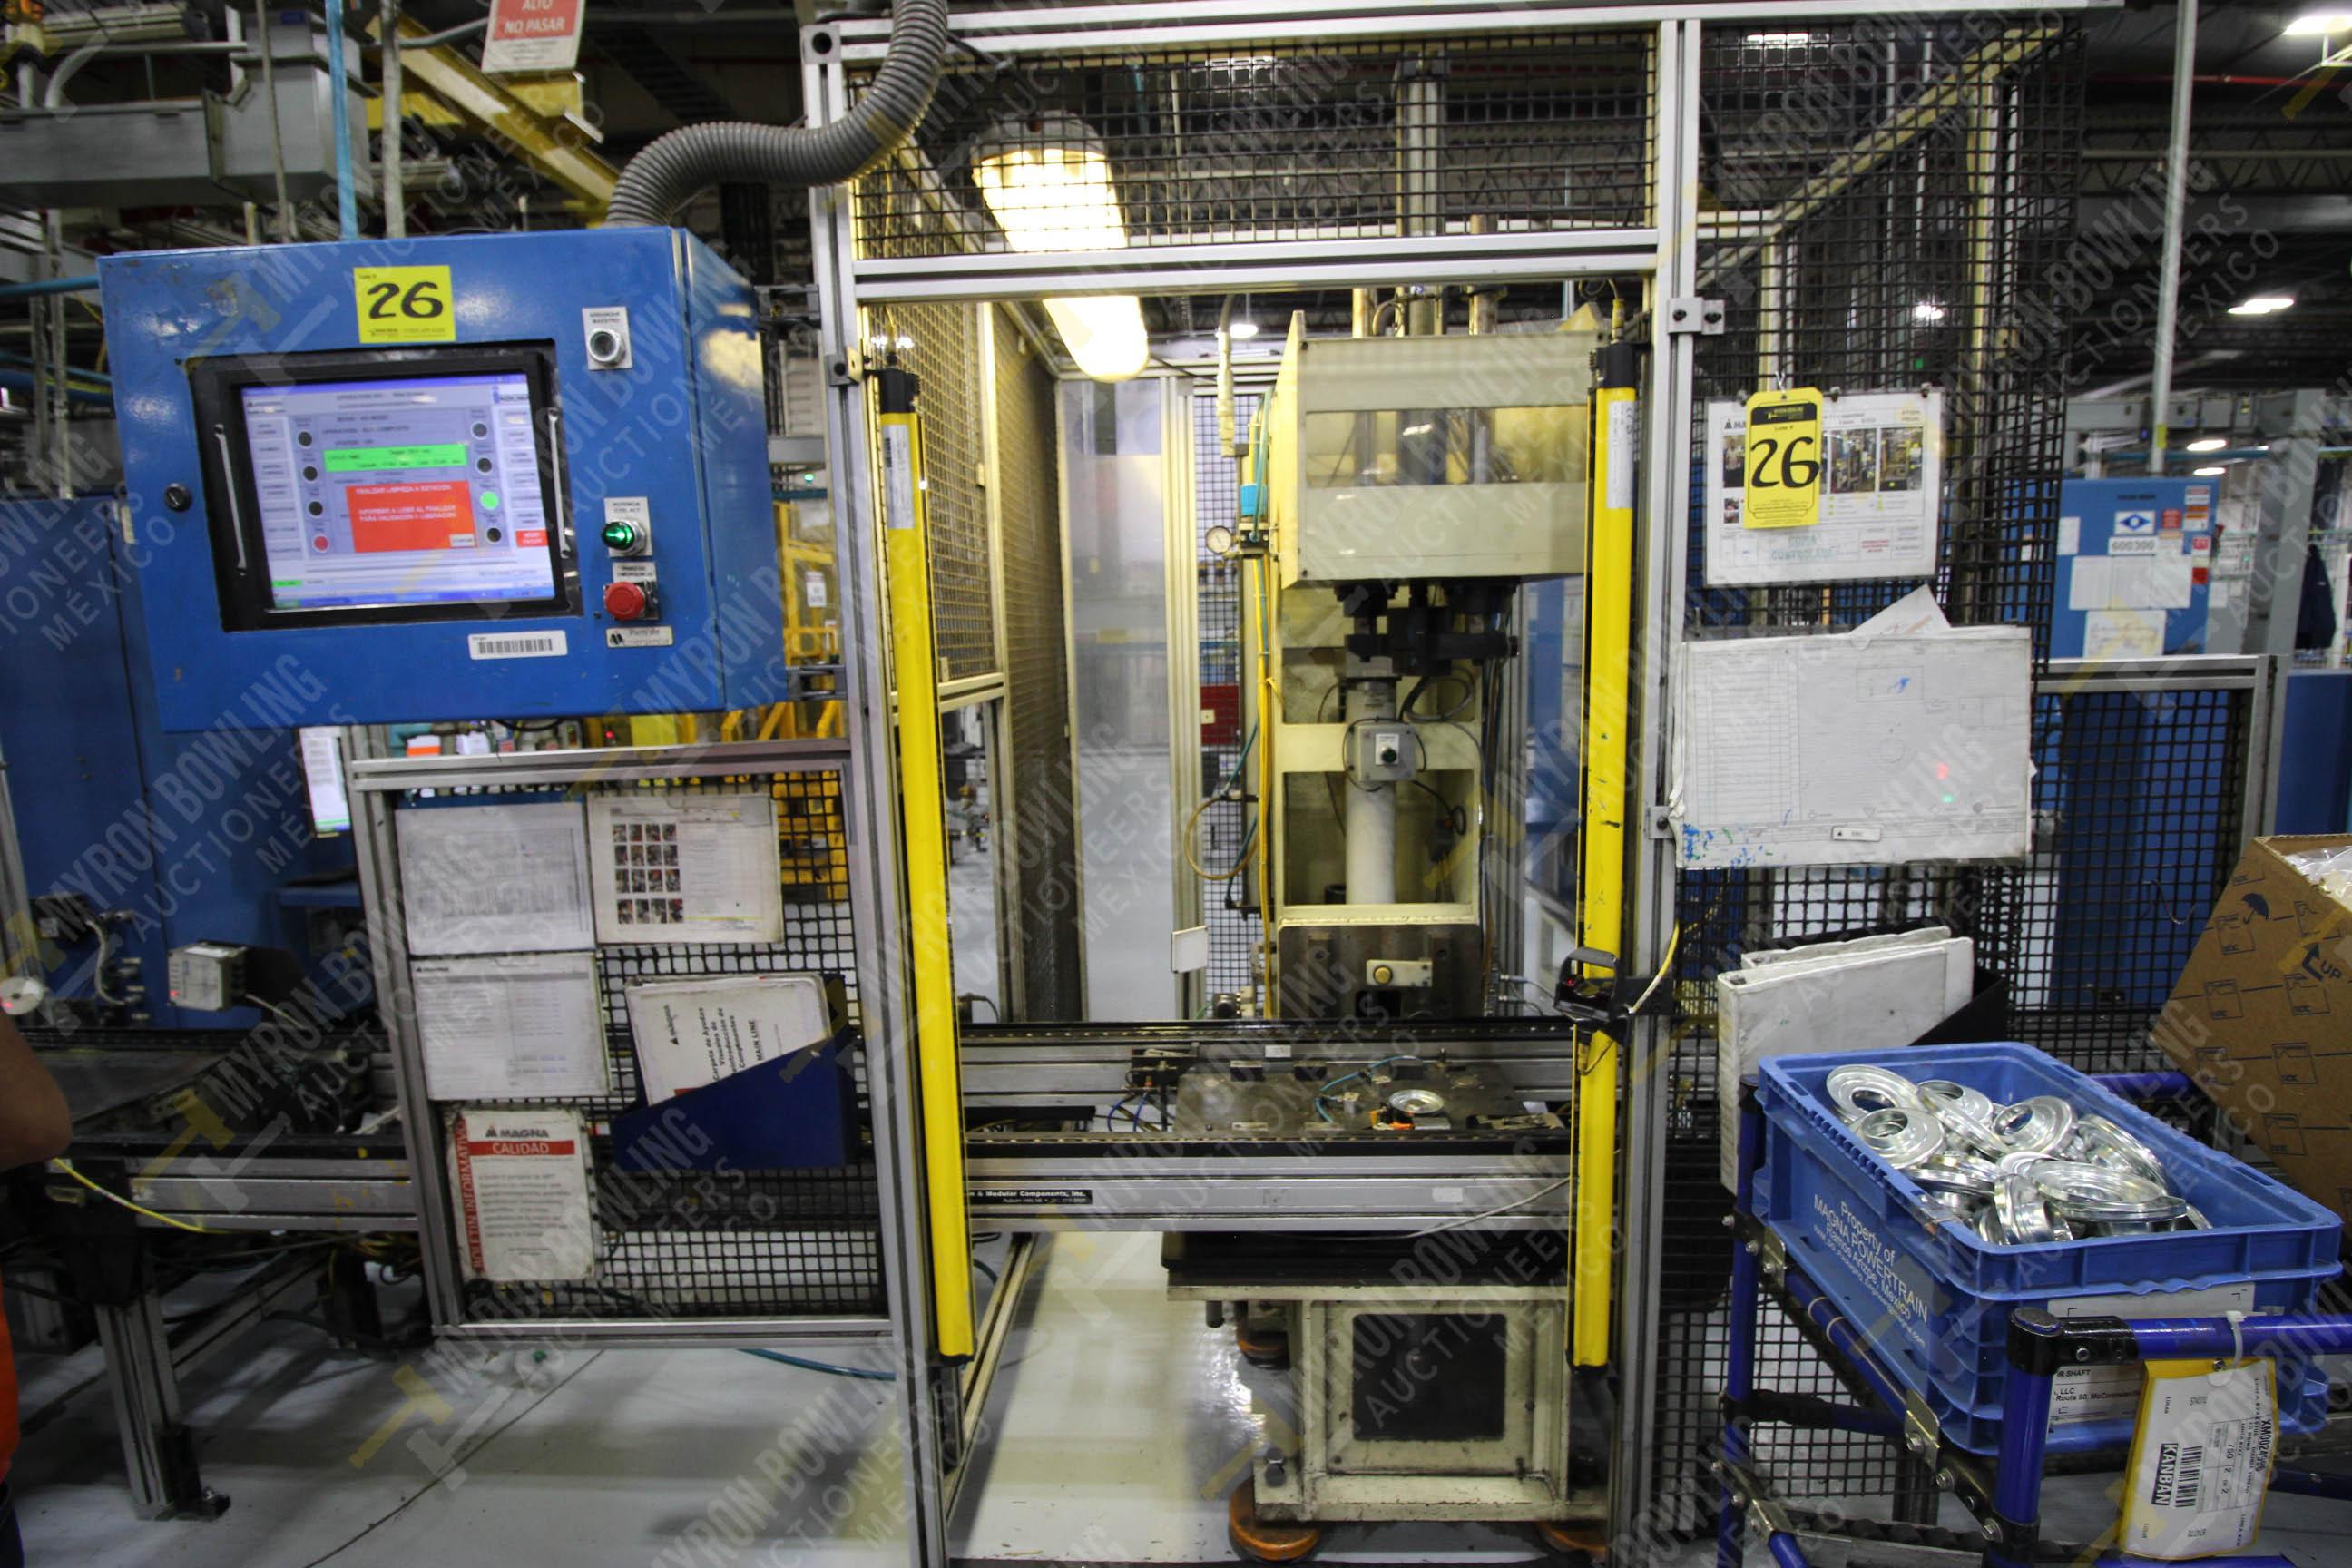 Estación manual para operación 383, contiene: Prensa marca PROMESS en estructura de placa de acero - Image 2 of 27